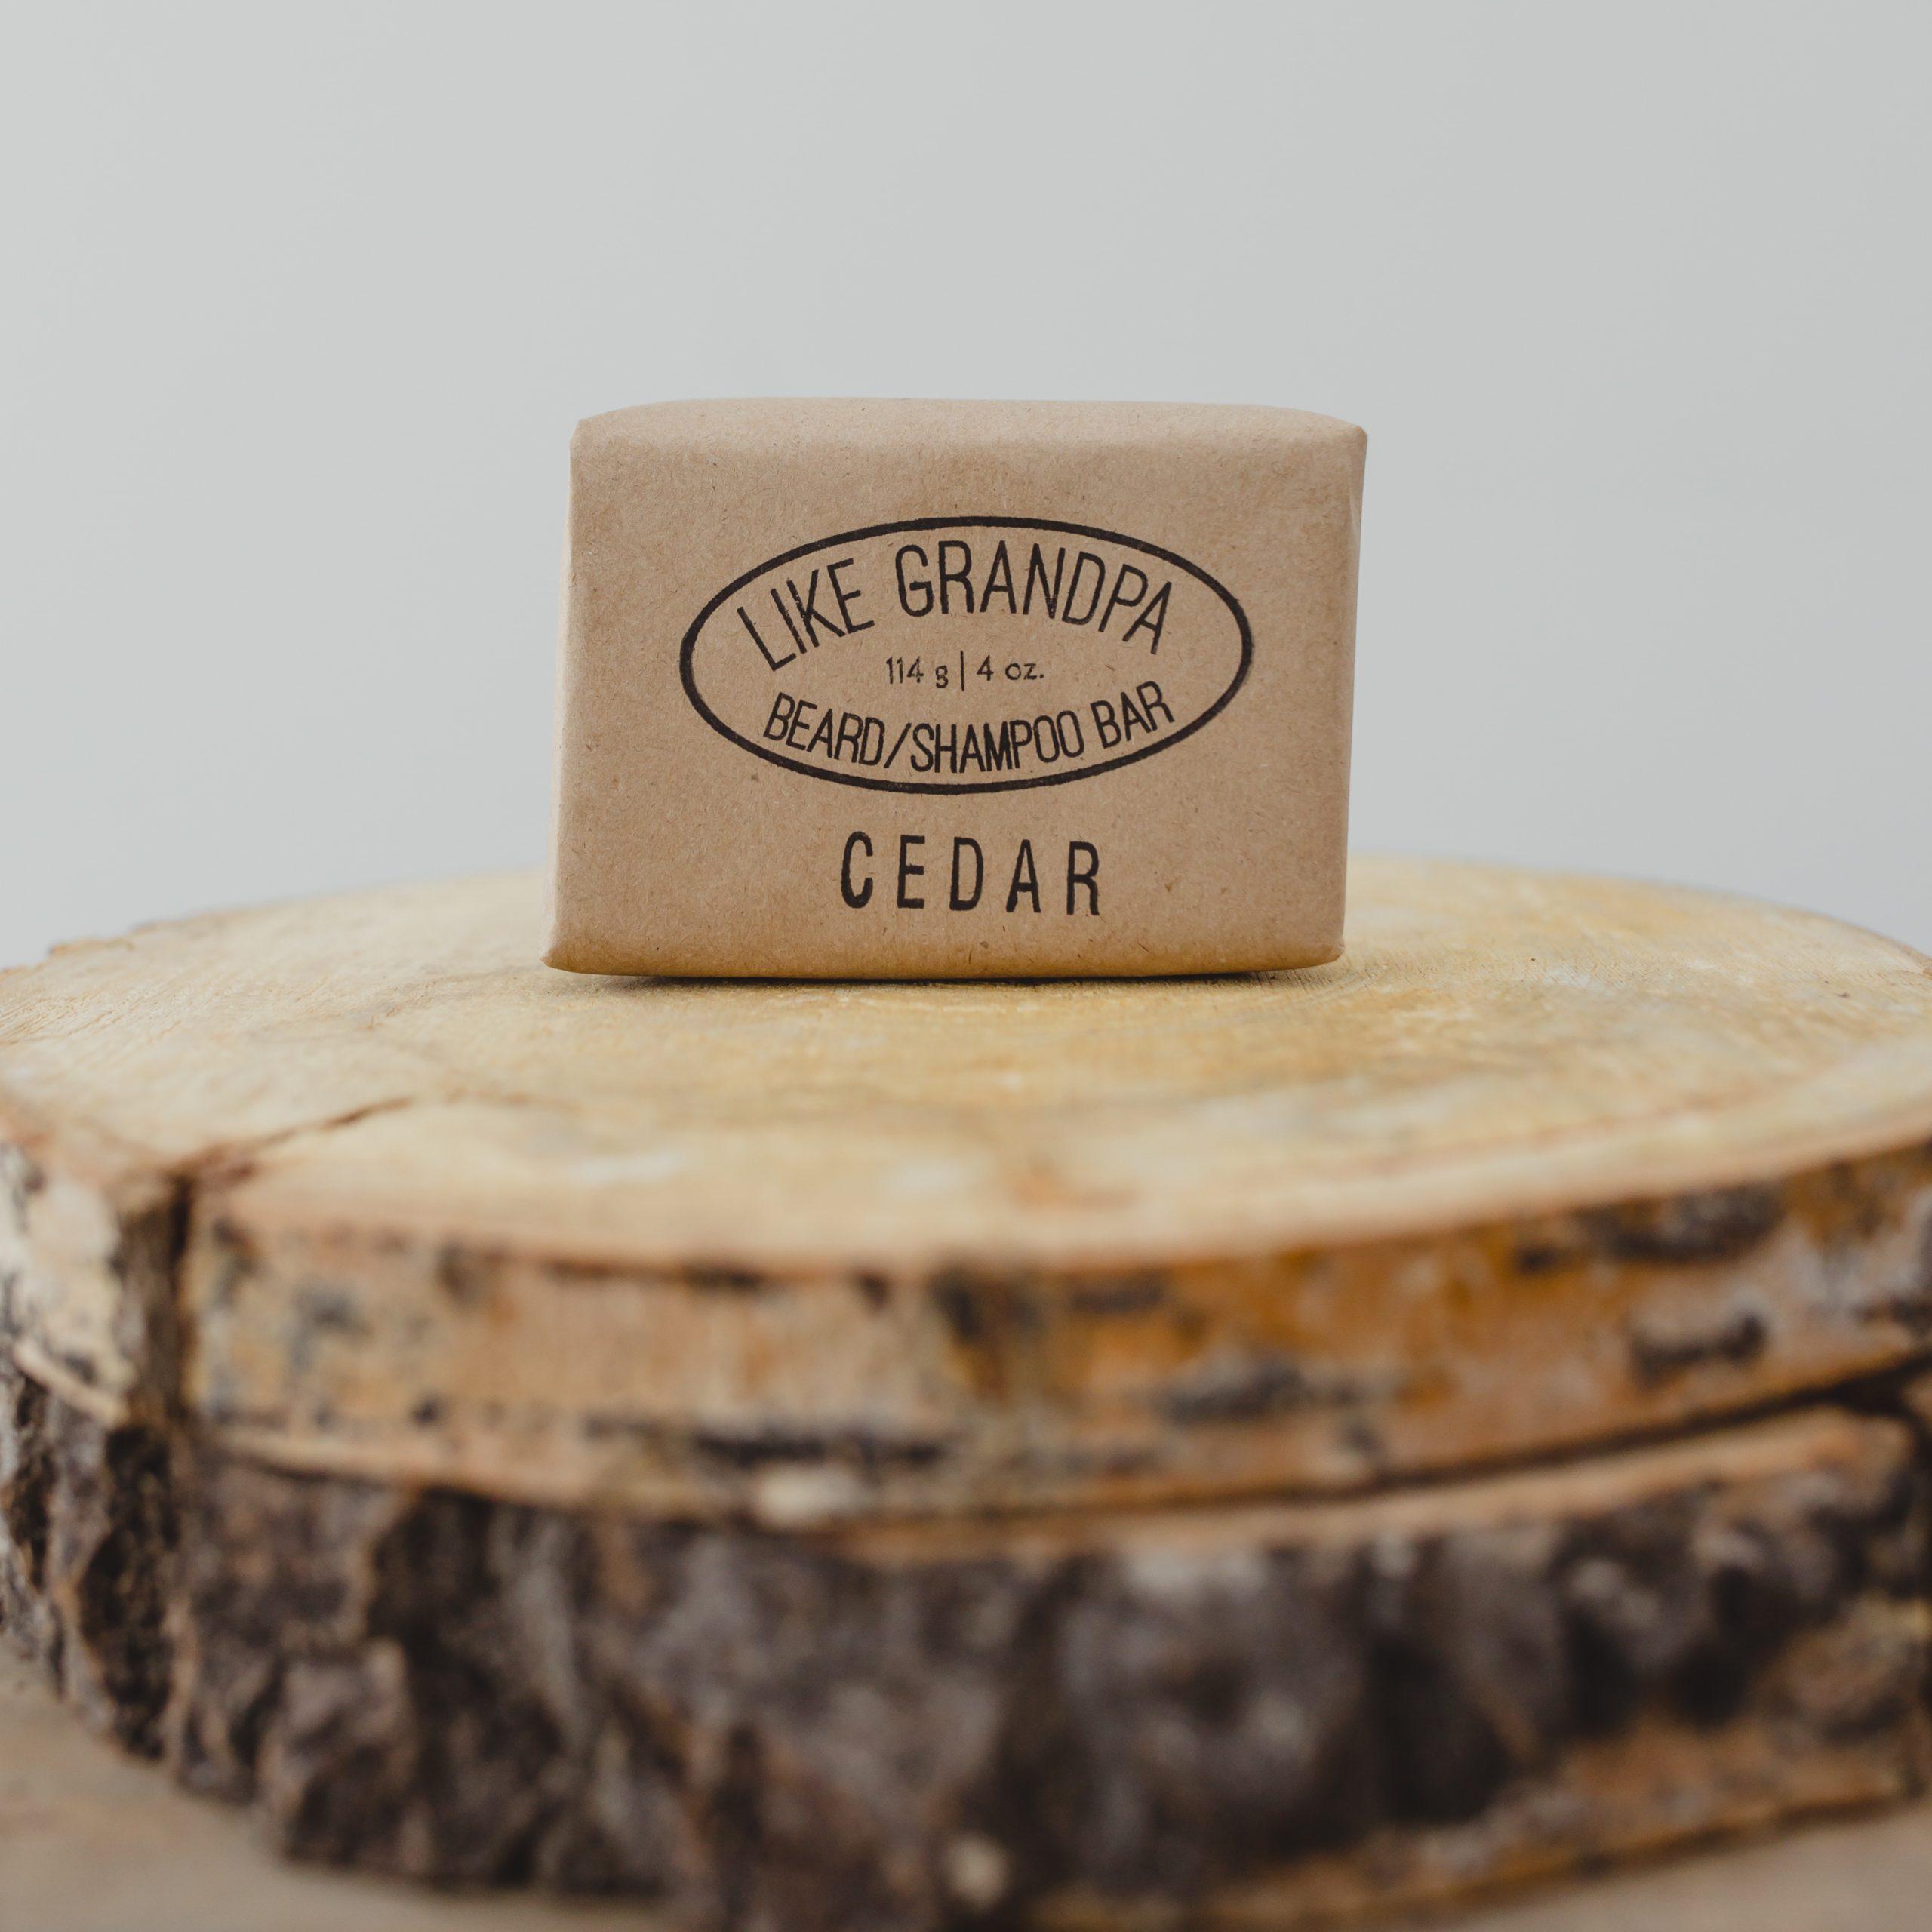 Cedar Shampoo Bar